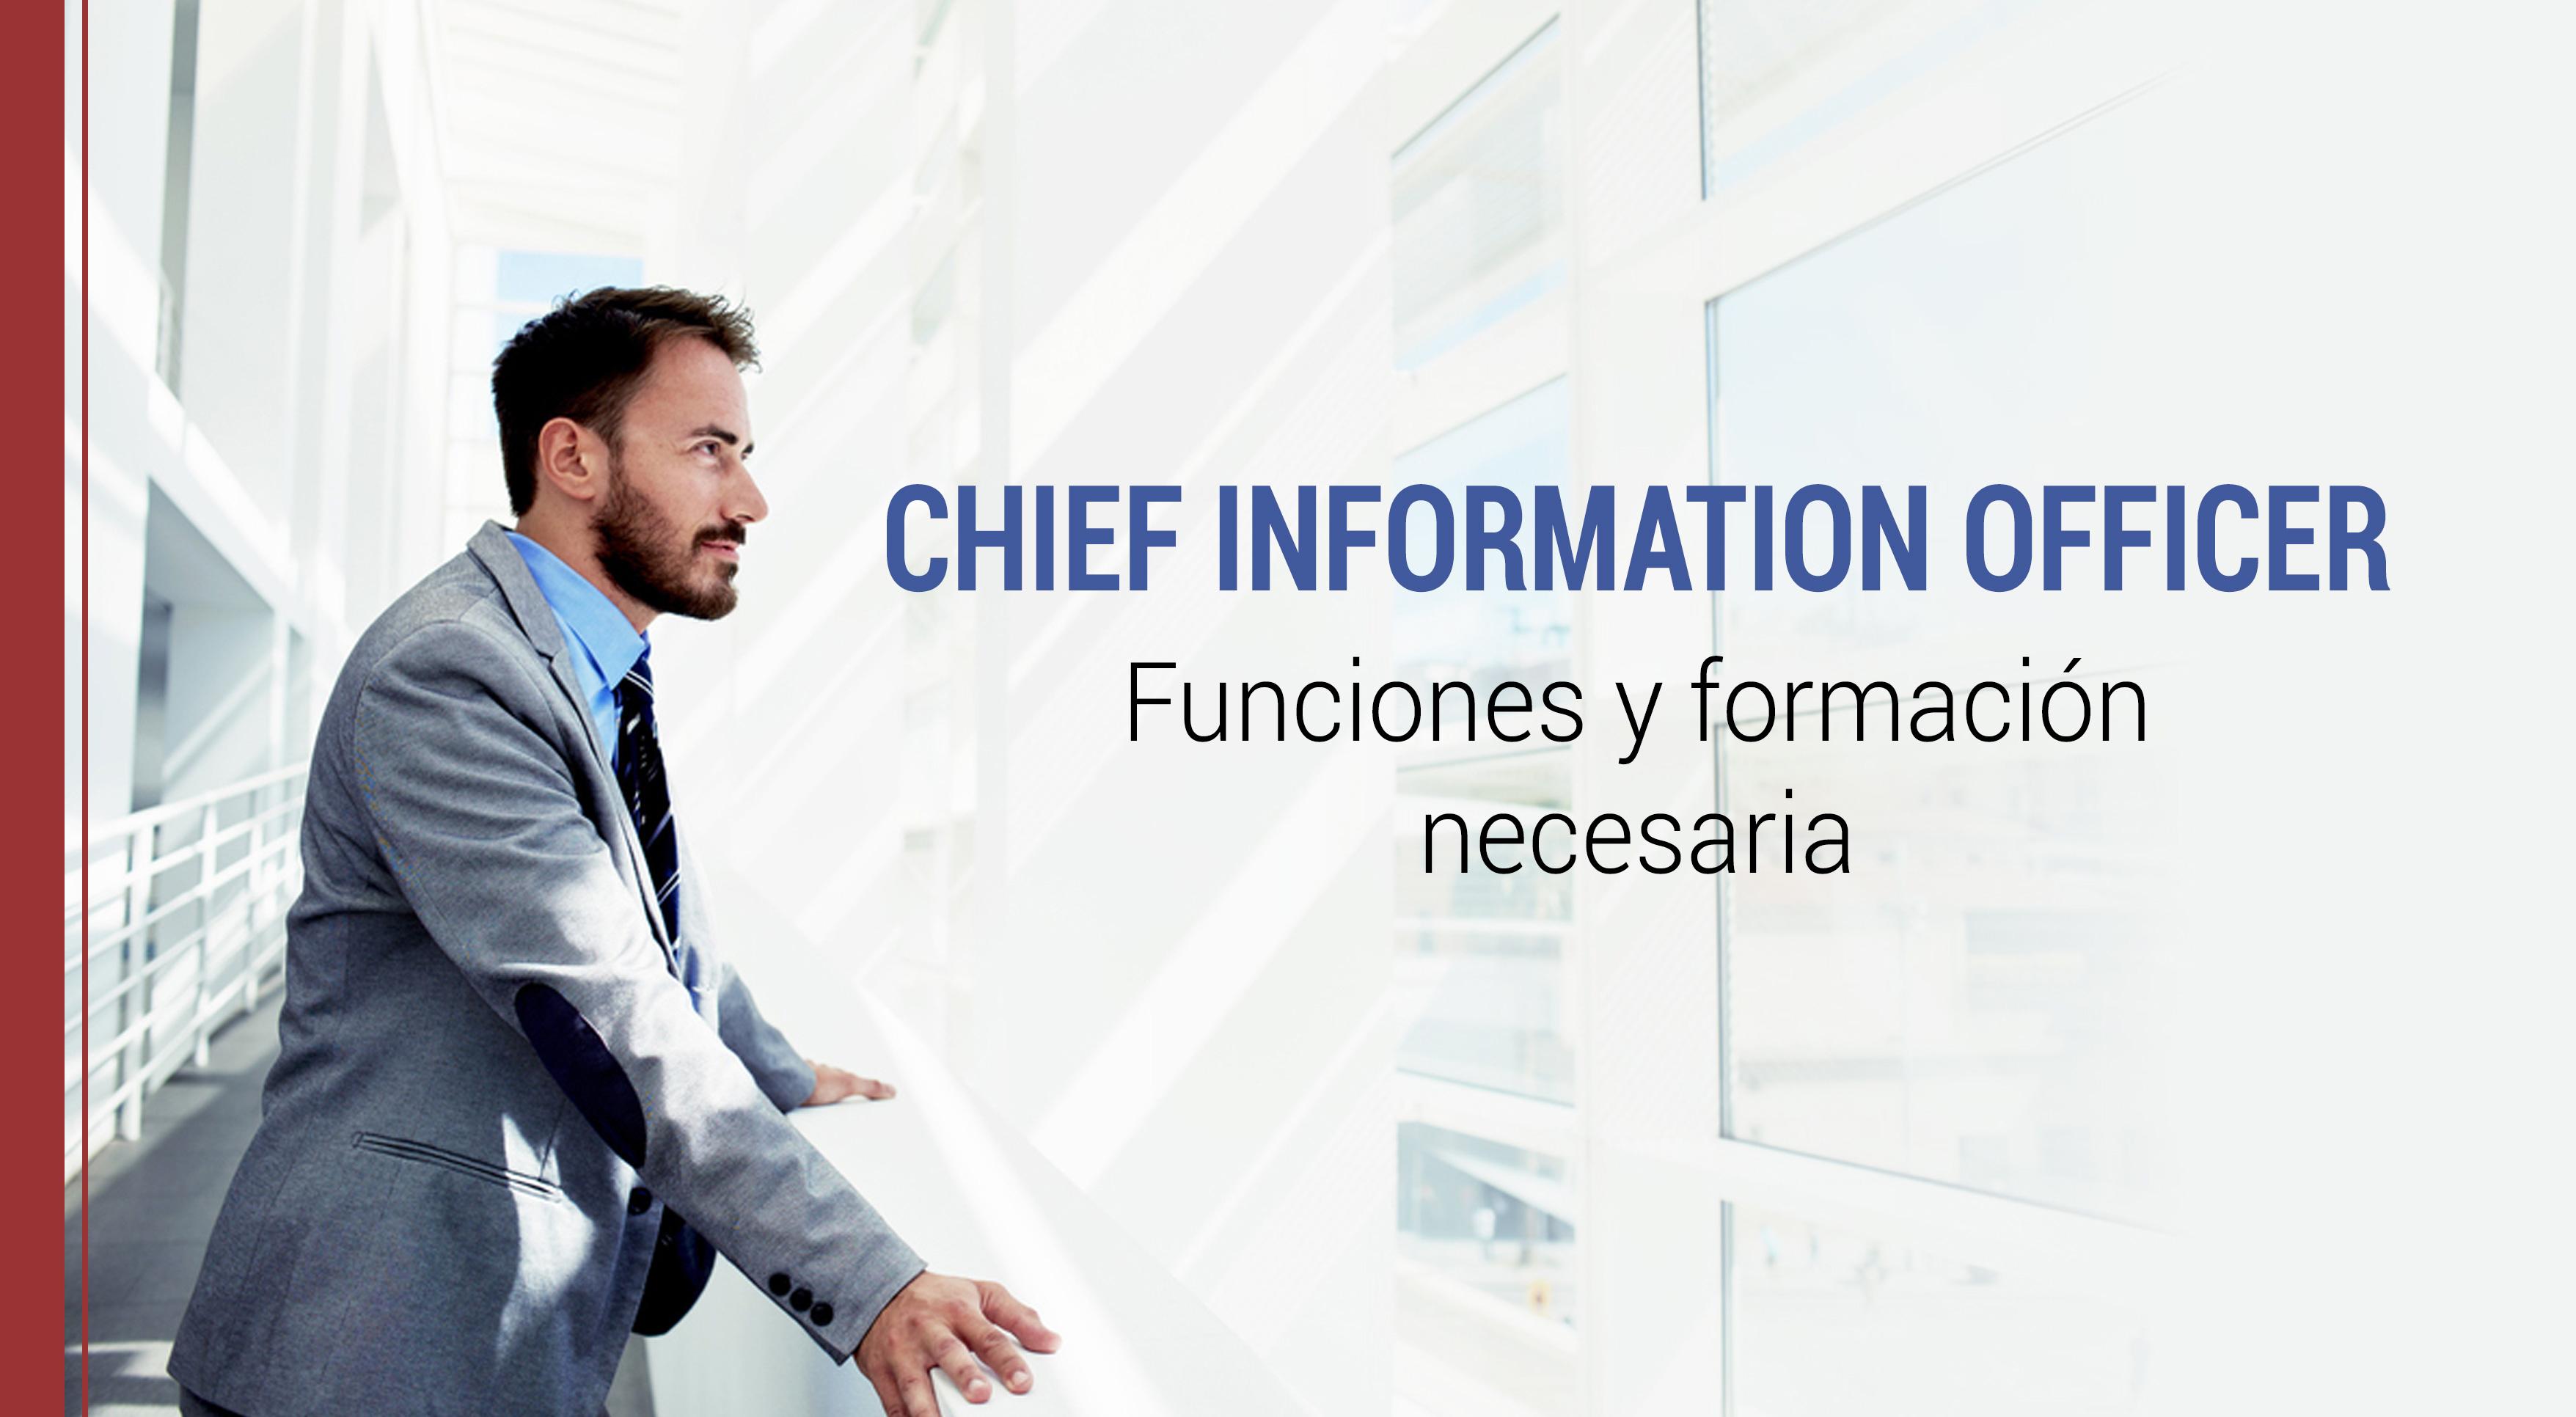 director-sistemas-cio-funciones El Director de Sistemas o CIO: funciones y formación necesaria